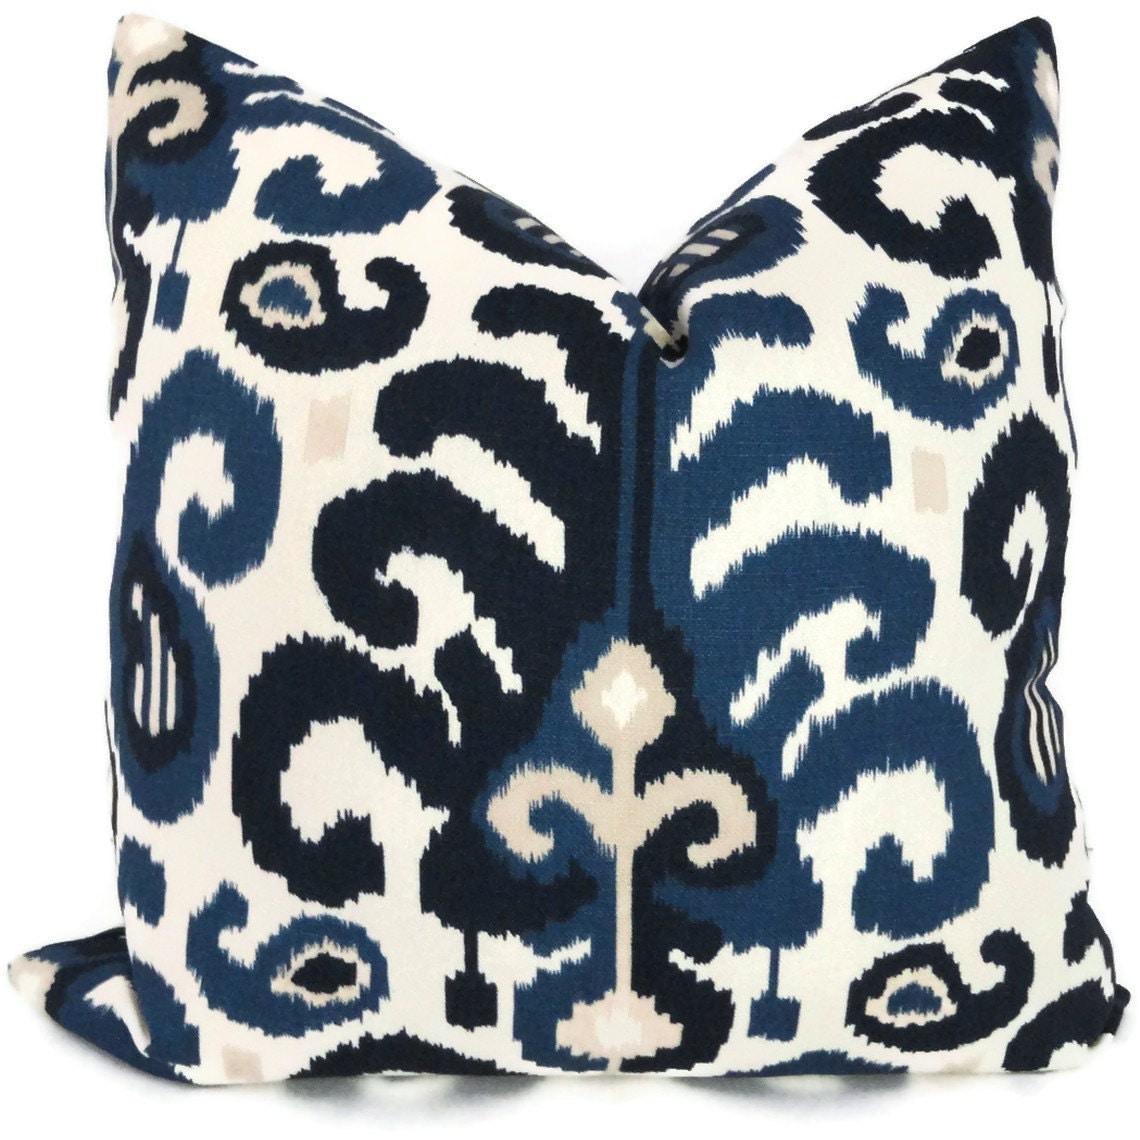 Ikat Throw Pillows Etsy : Duralee Blue Ikat Decorative Pillow Cover Lumbar Pillow Accent